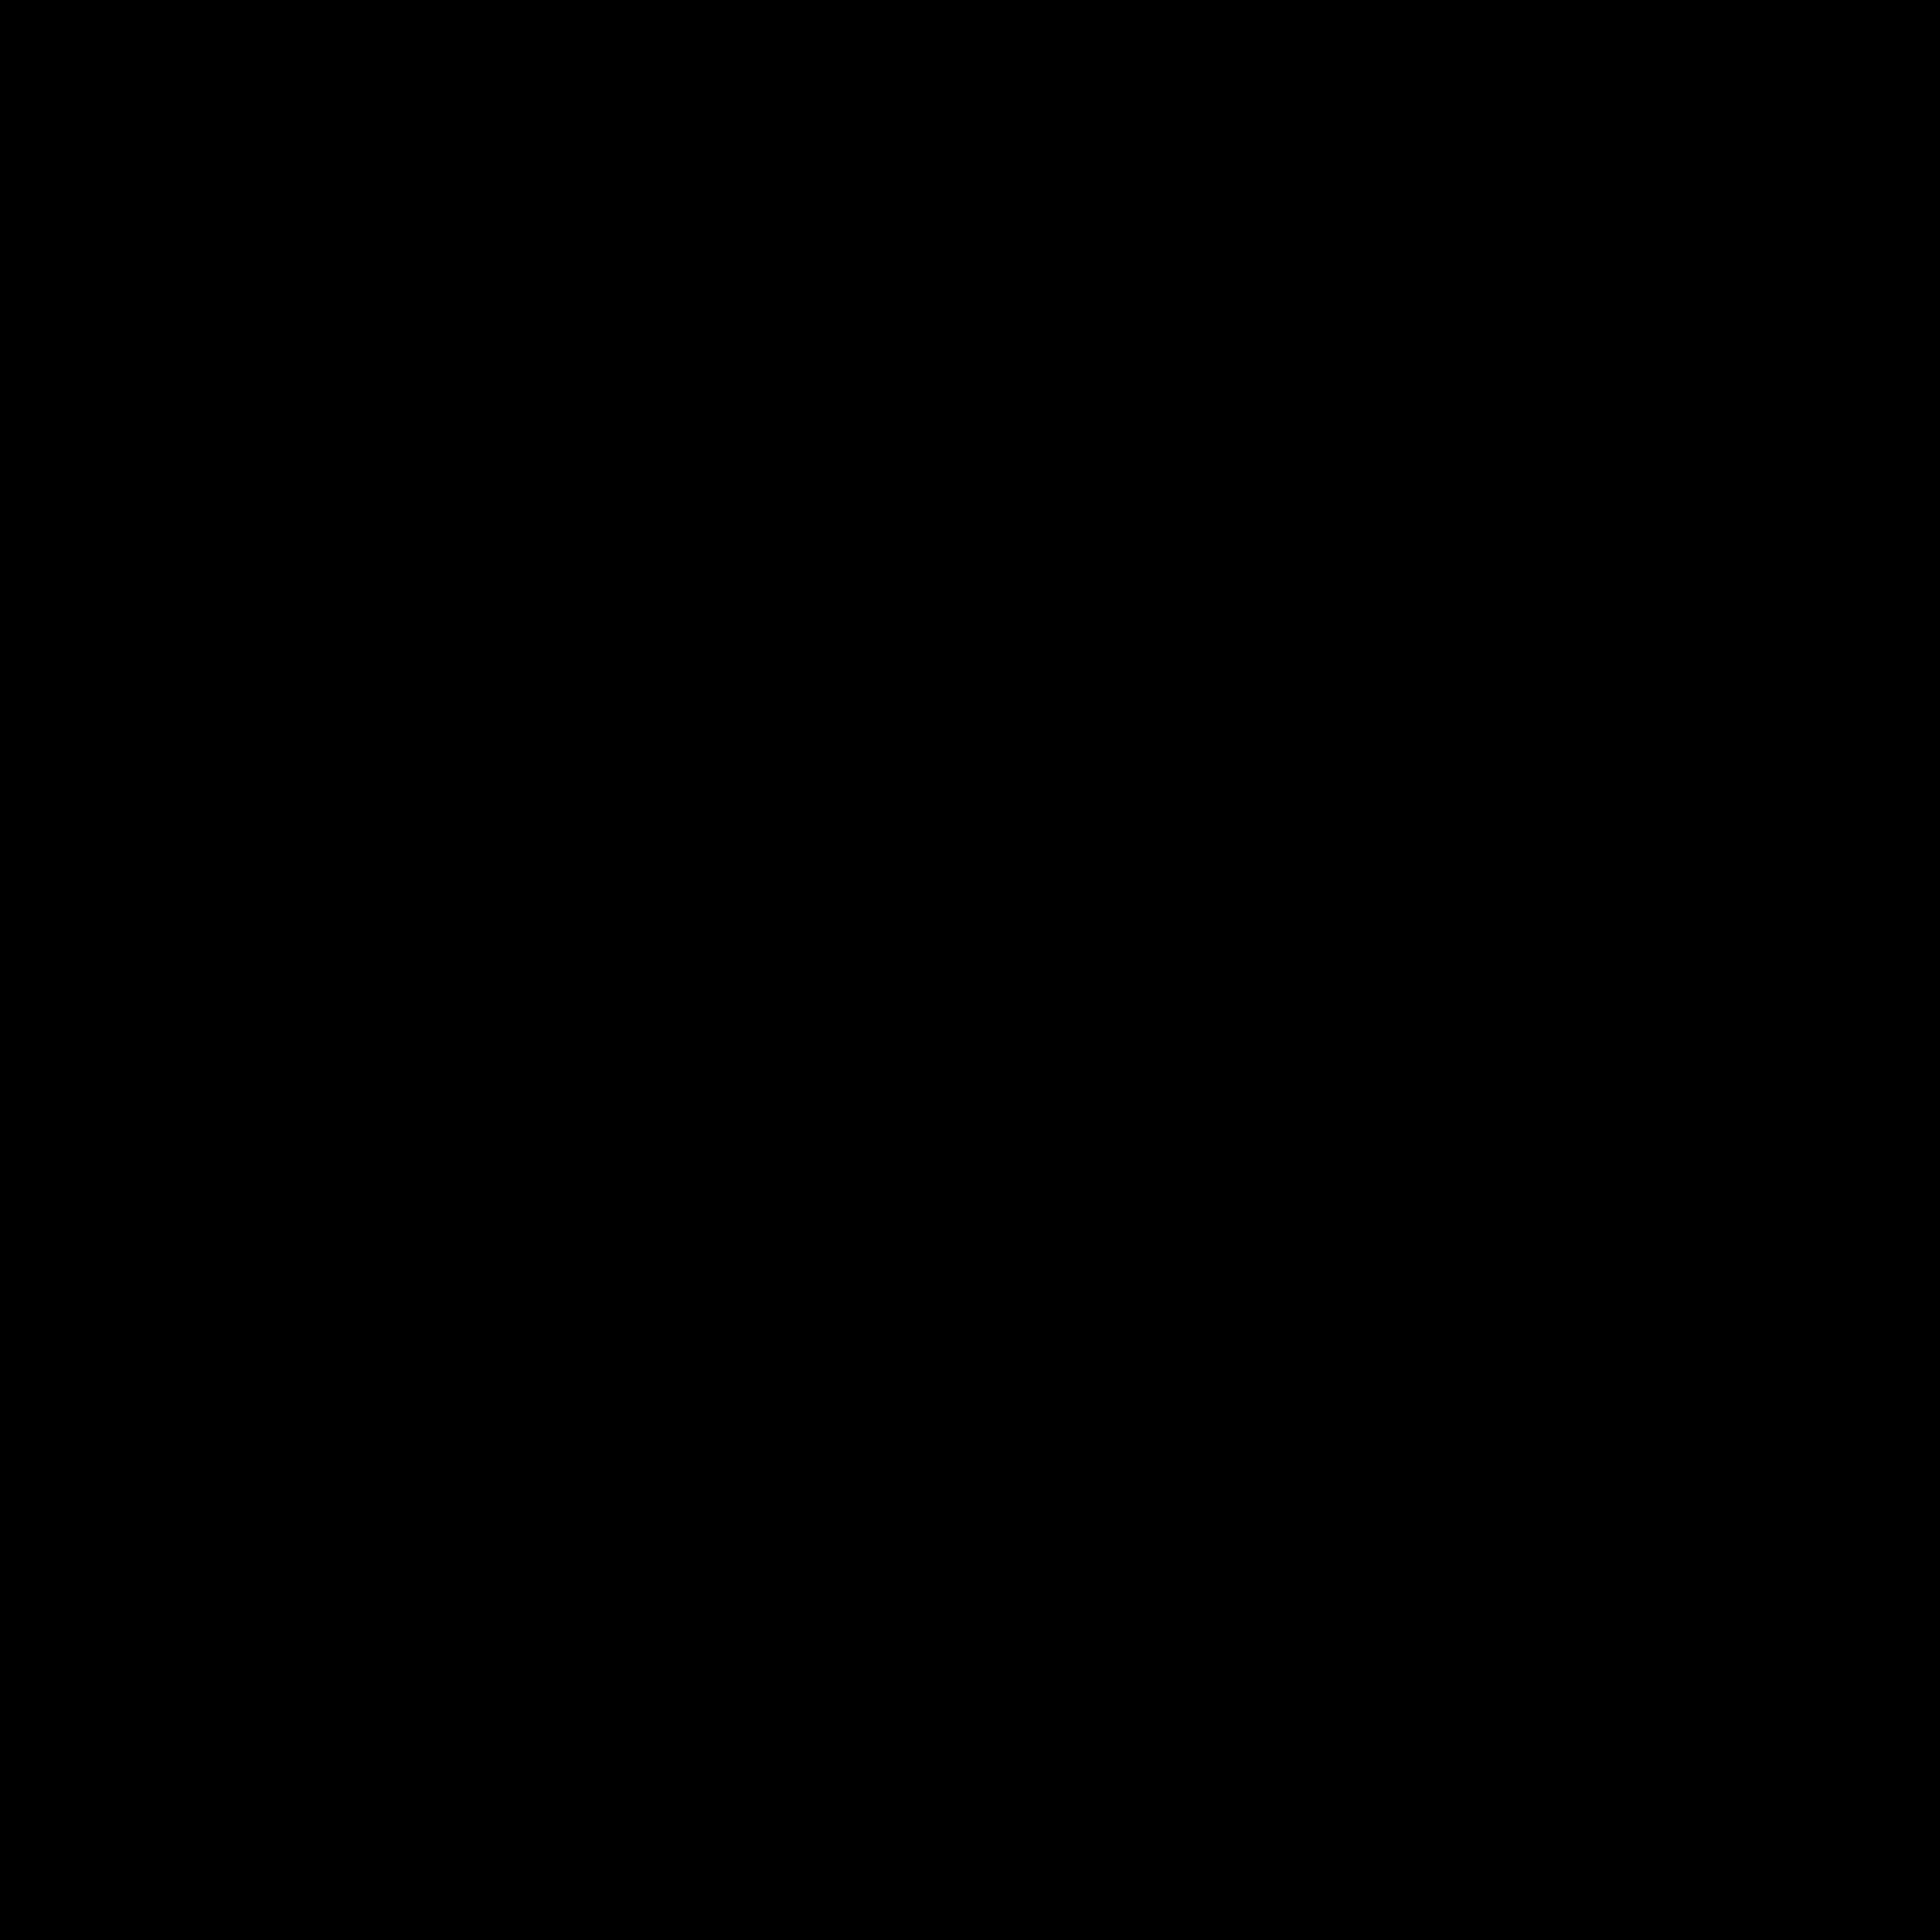 bulgari logo 0 - Bulgari Logo